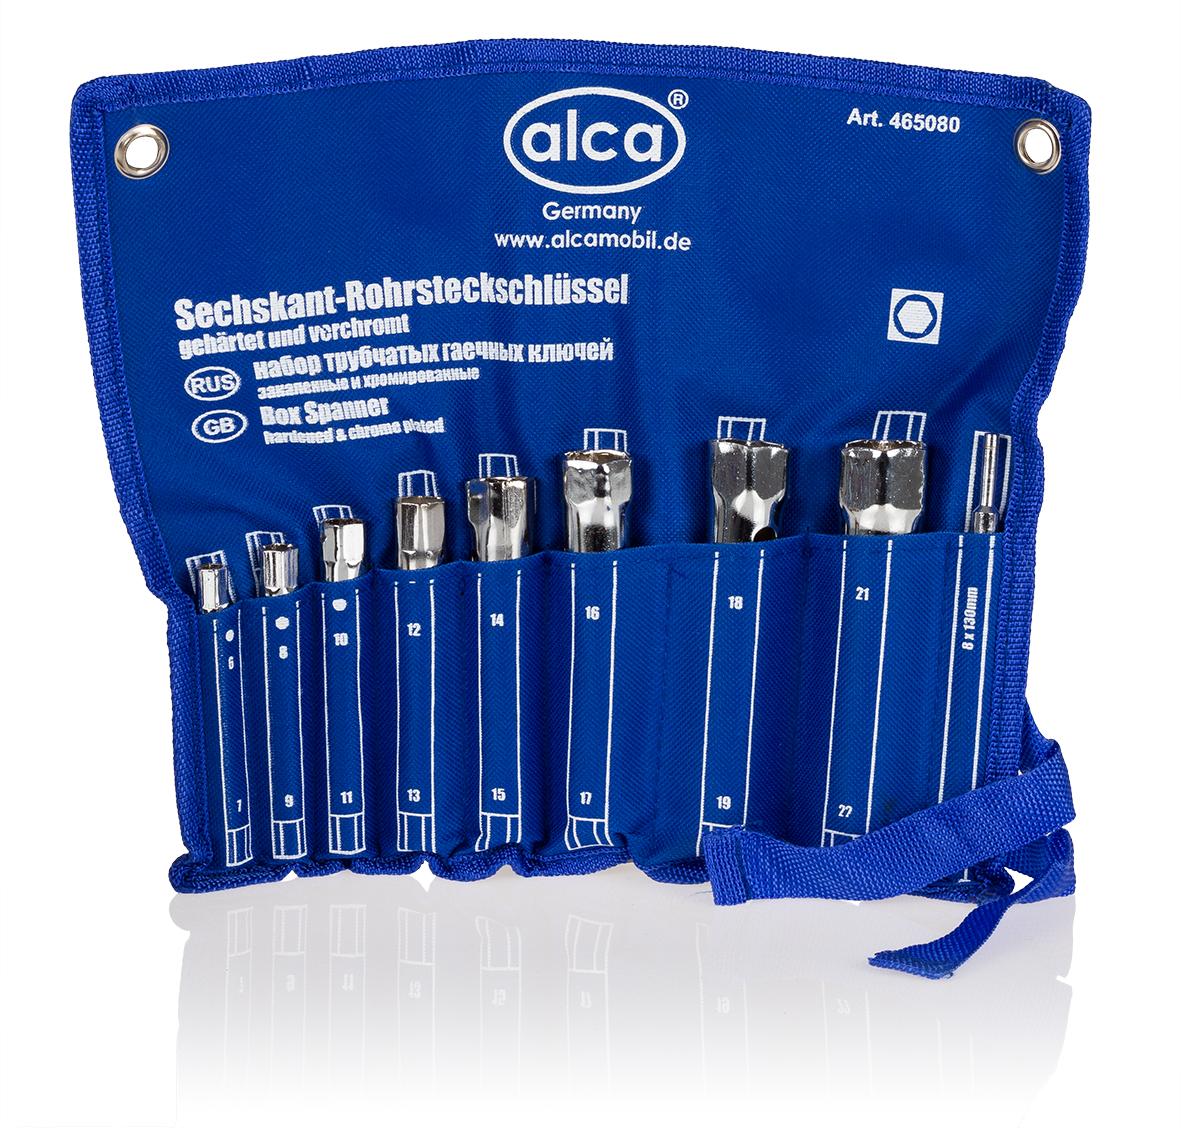 Набор трубчатых гаечных ключей Alca, 16 размеров, 8 шт465080Набор трубчатых гаечных ключей Alca применяется для монтажа и демонтажа резьбовых соединений. Изделия выполнены из высококачественной хромированной стали. Для удобной переноски предусмотрена практичная сворачиваемая сумка. В набор входит 8 ключей 16 размеров: 6 мм, 7 мм, 8 мм, 9 мм, 10 мм, 11 мм, 12 мм, 13 мм, 14 мм, 15 мм, 16 мм, 17 мм, 18 мм, 19 мм, 21 мм, 22 мм.